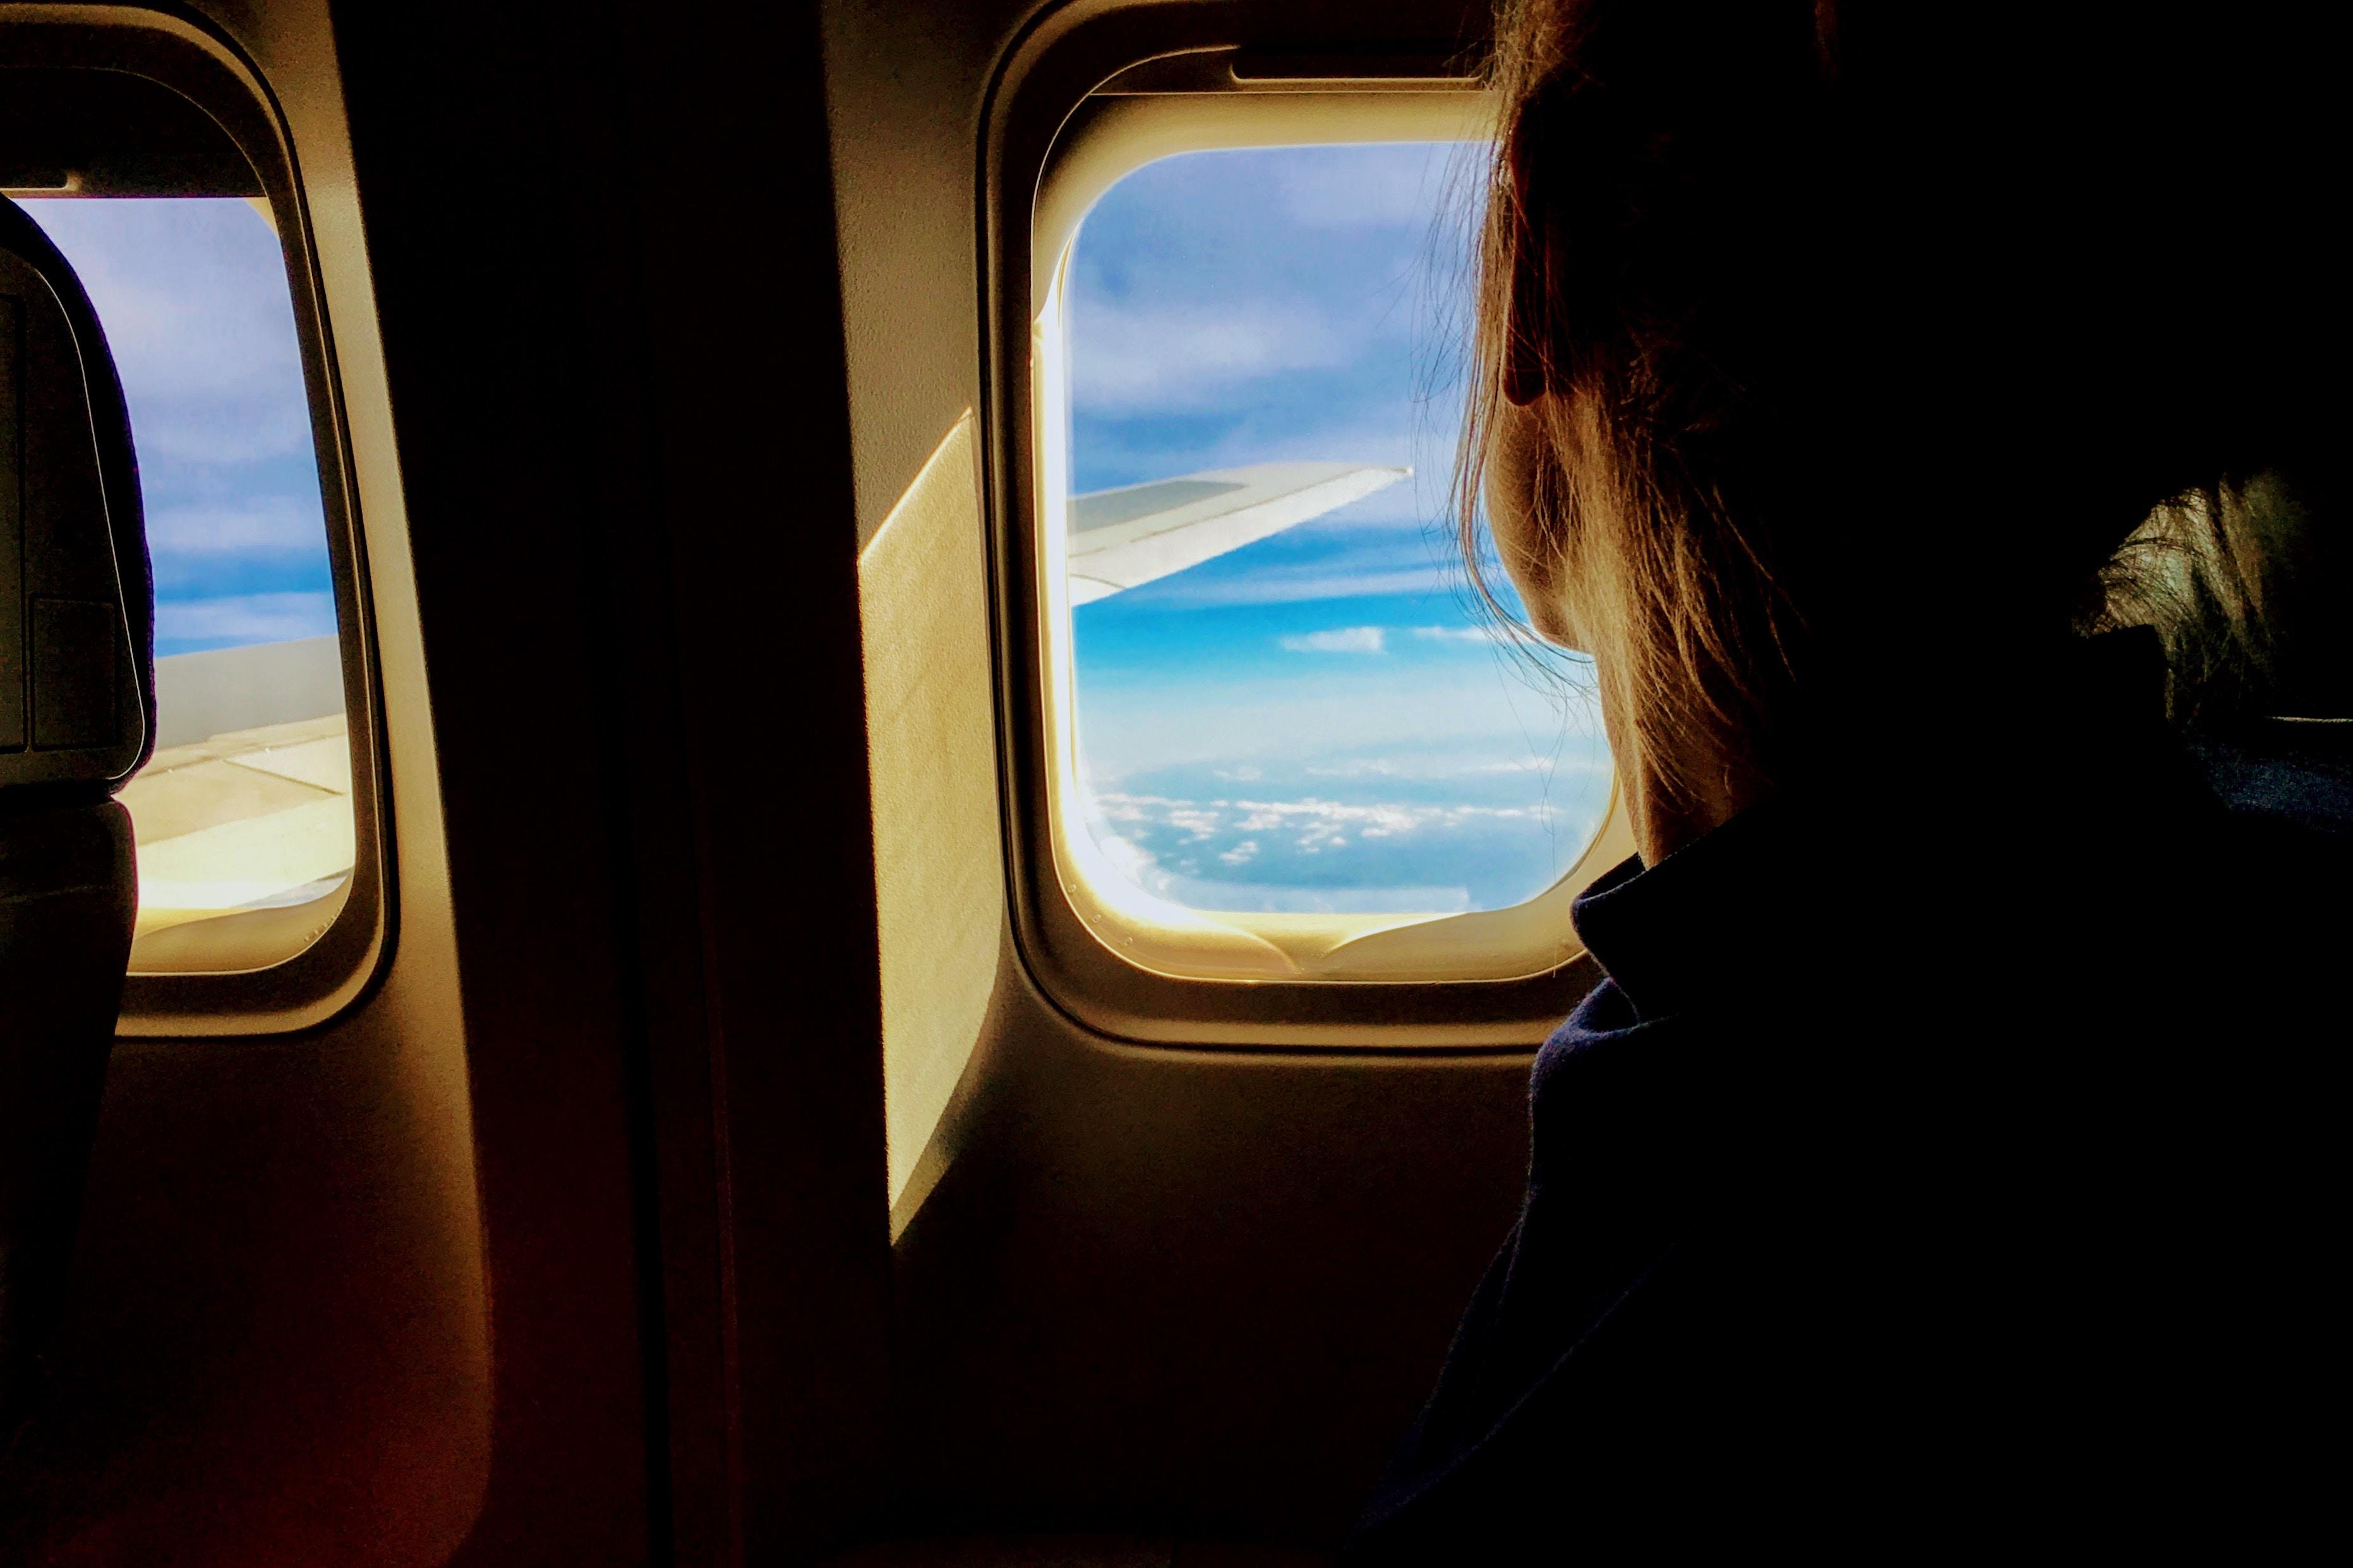 flying etiquette rules for flying